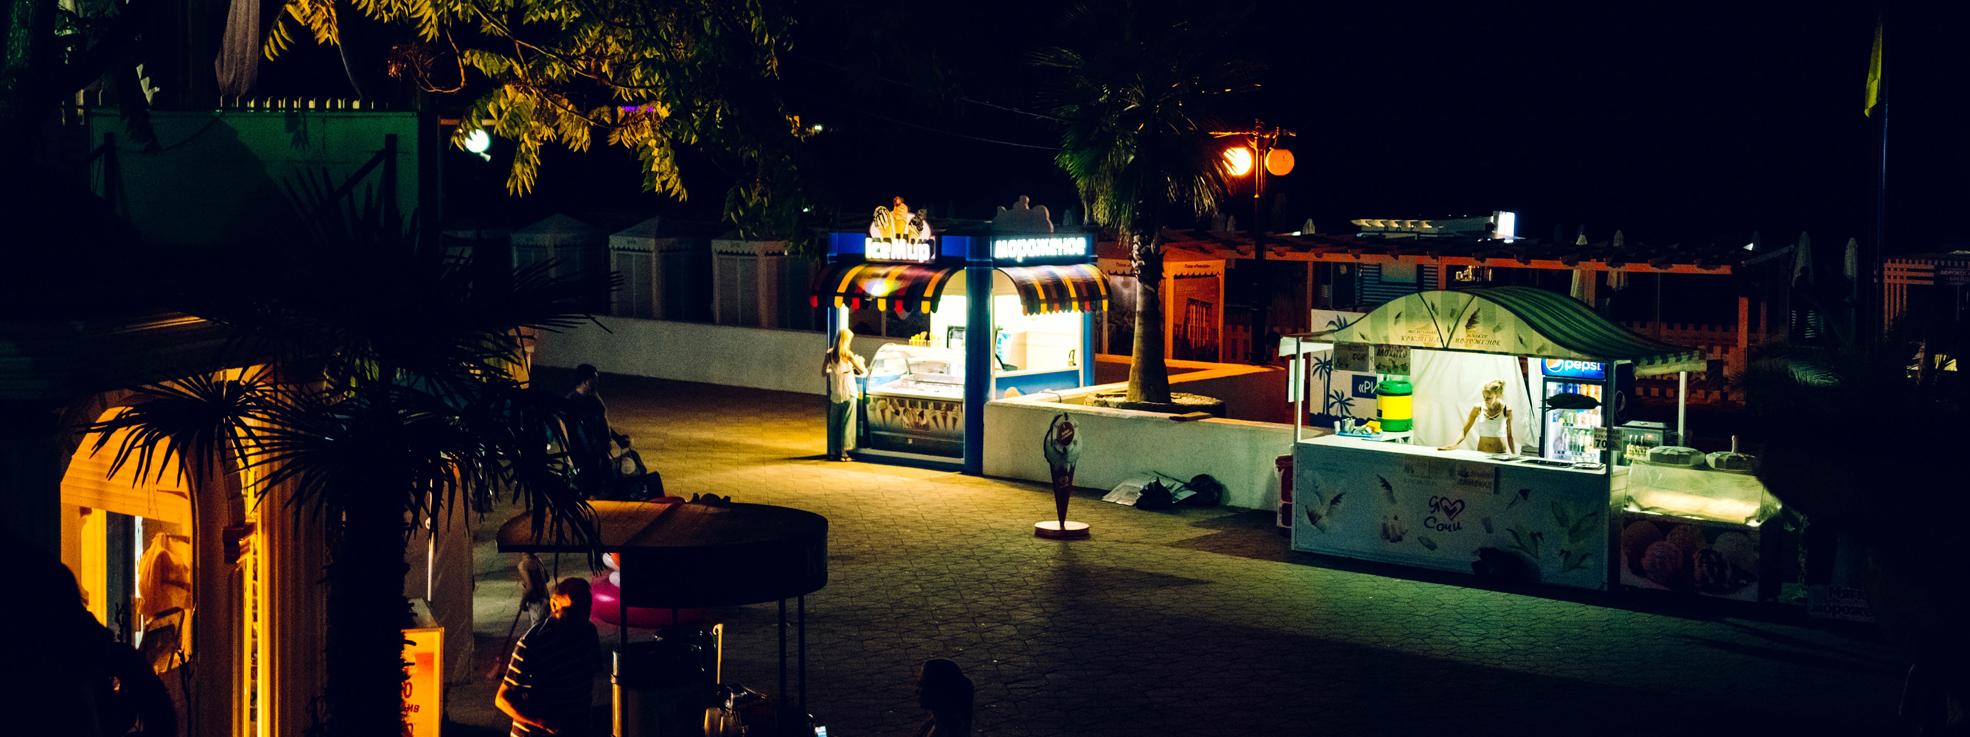 کراچی کے ذائقوں کی انوکھی دنیا